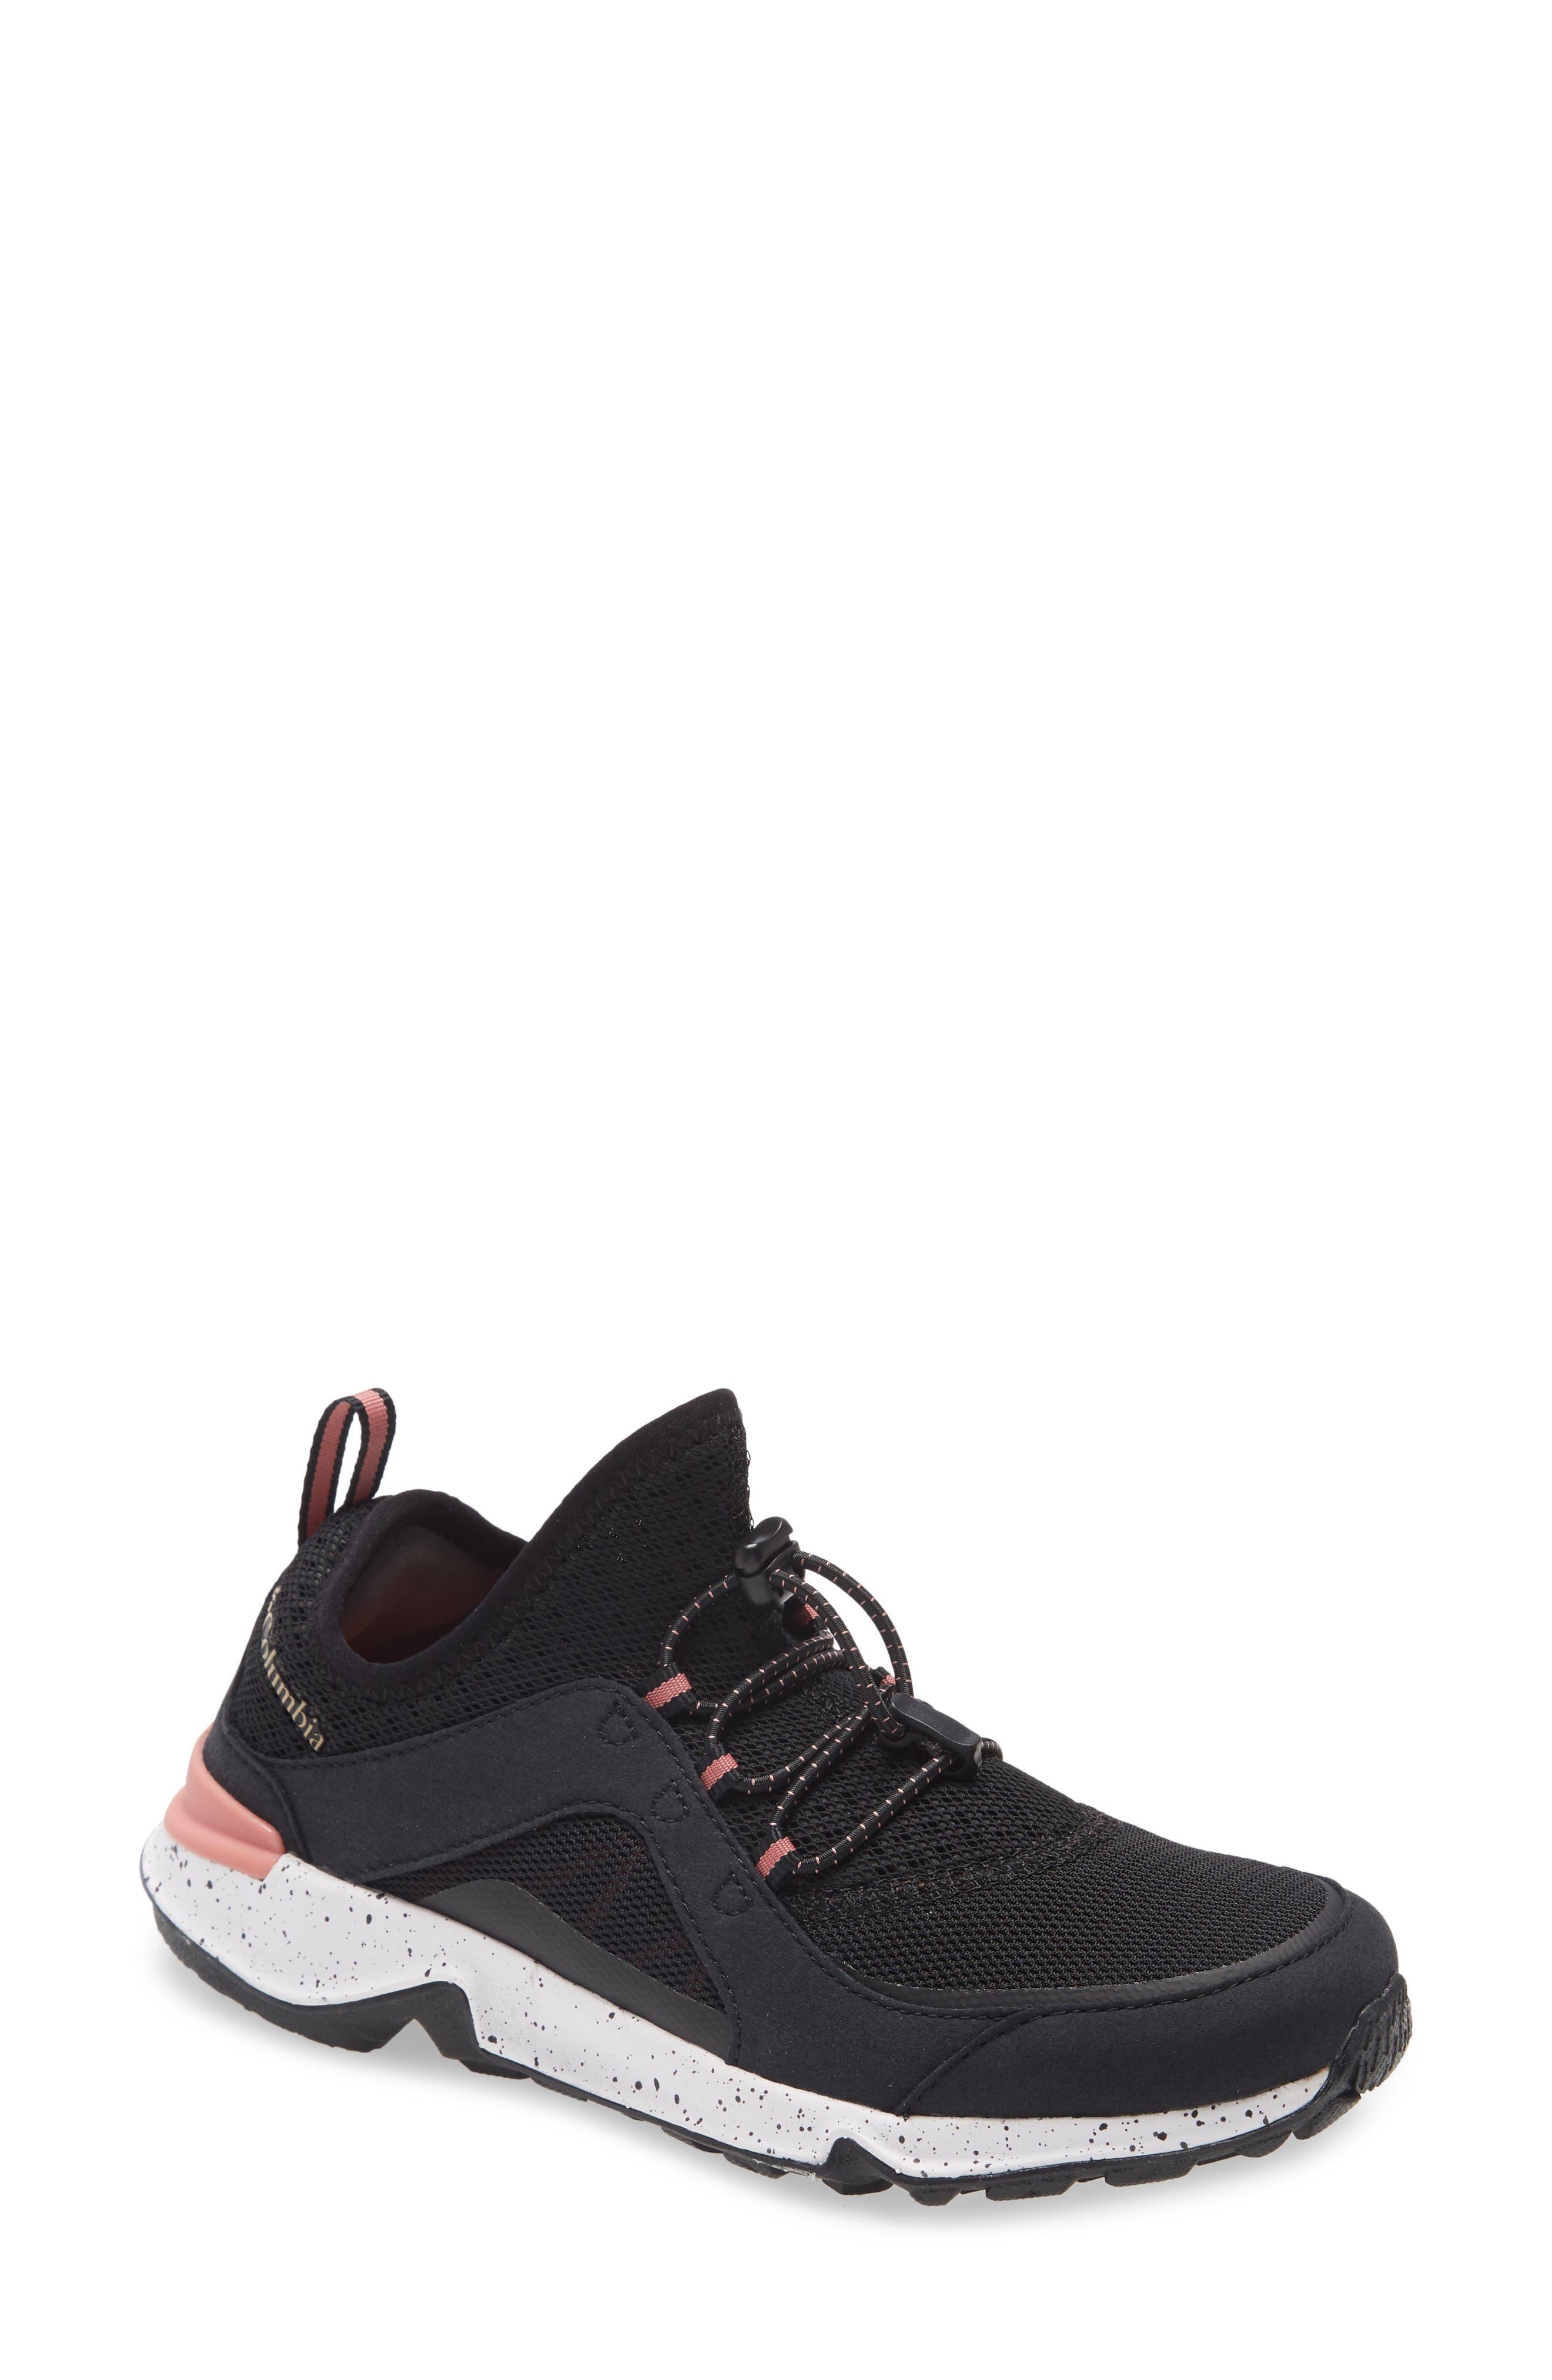 Vitesse(TM) Slip-On Trail Sneaker